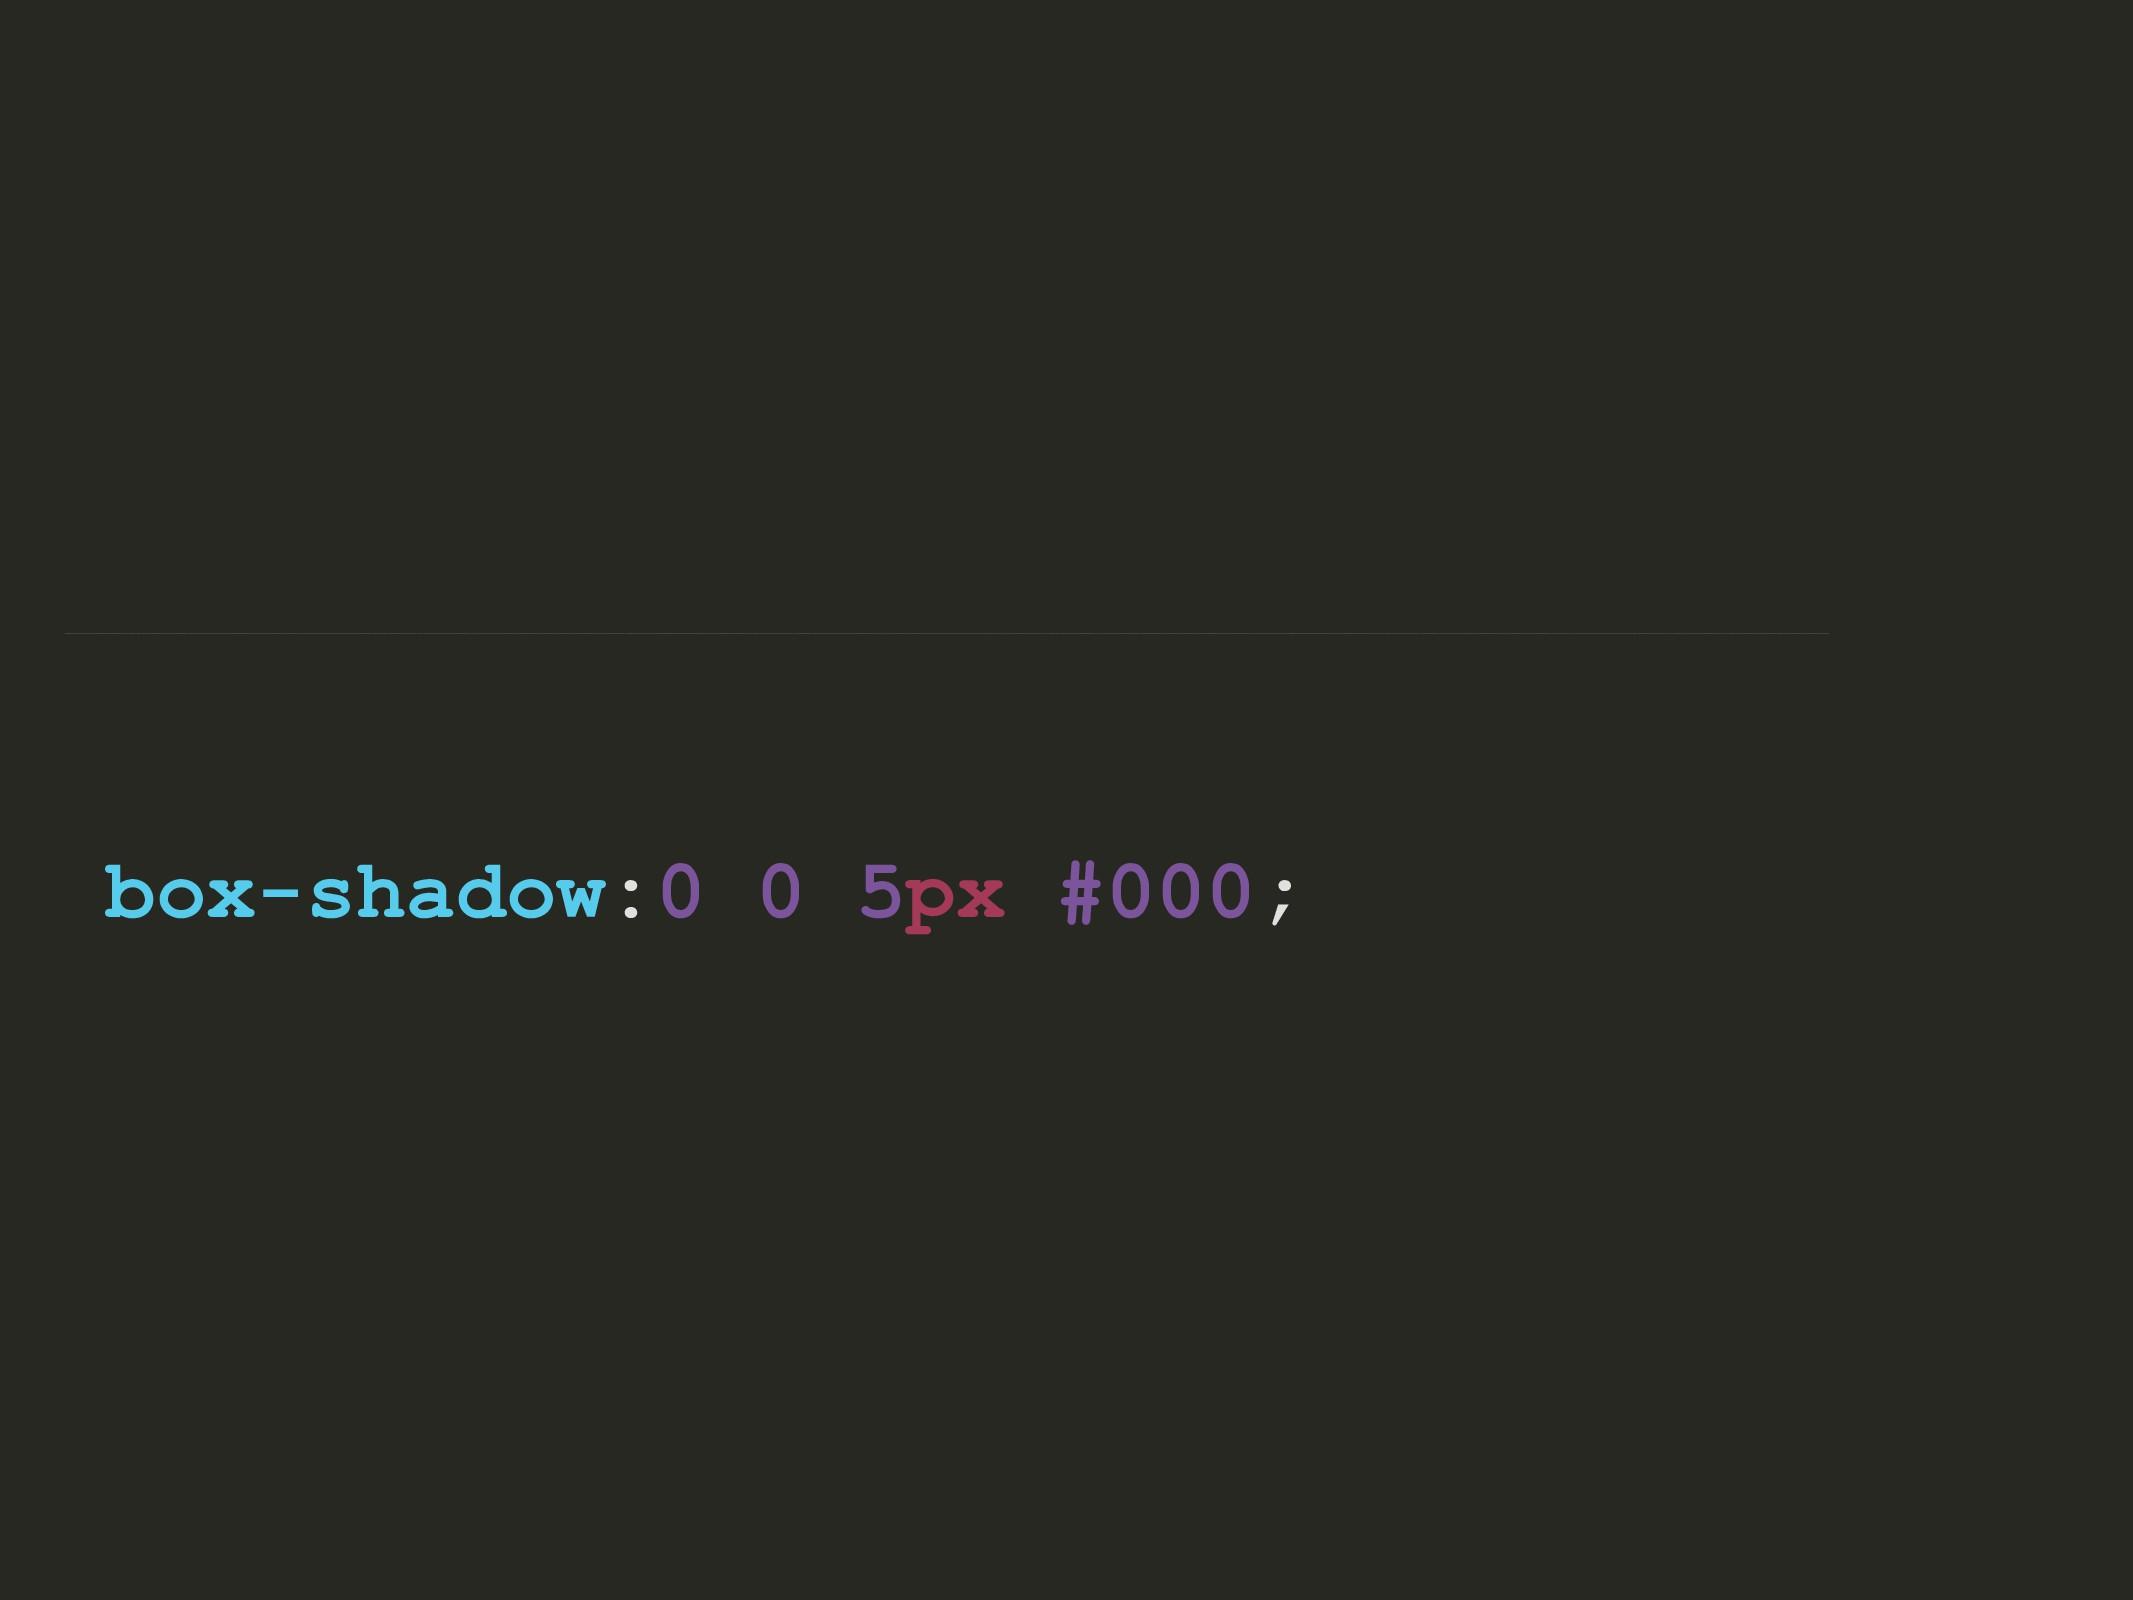 -moz-box-shadow:0 0 5px #000; -webkit-box-shado...